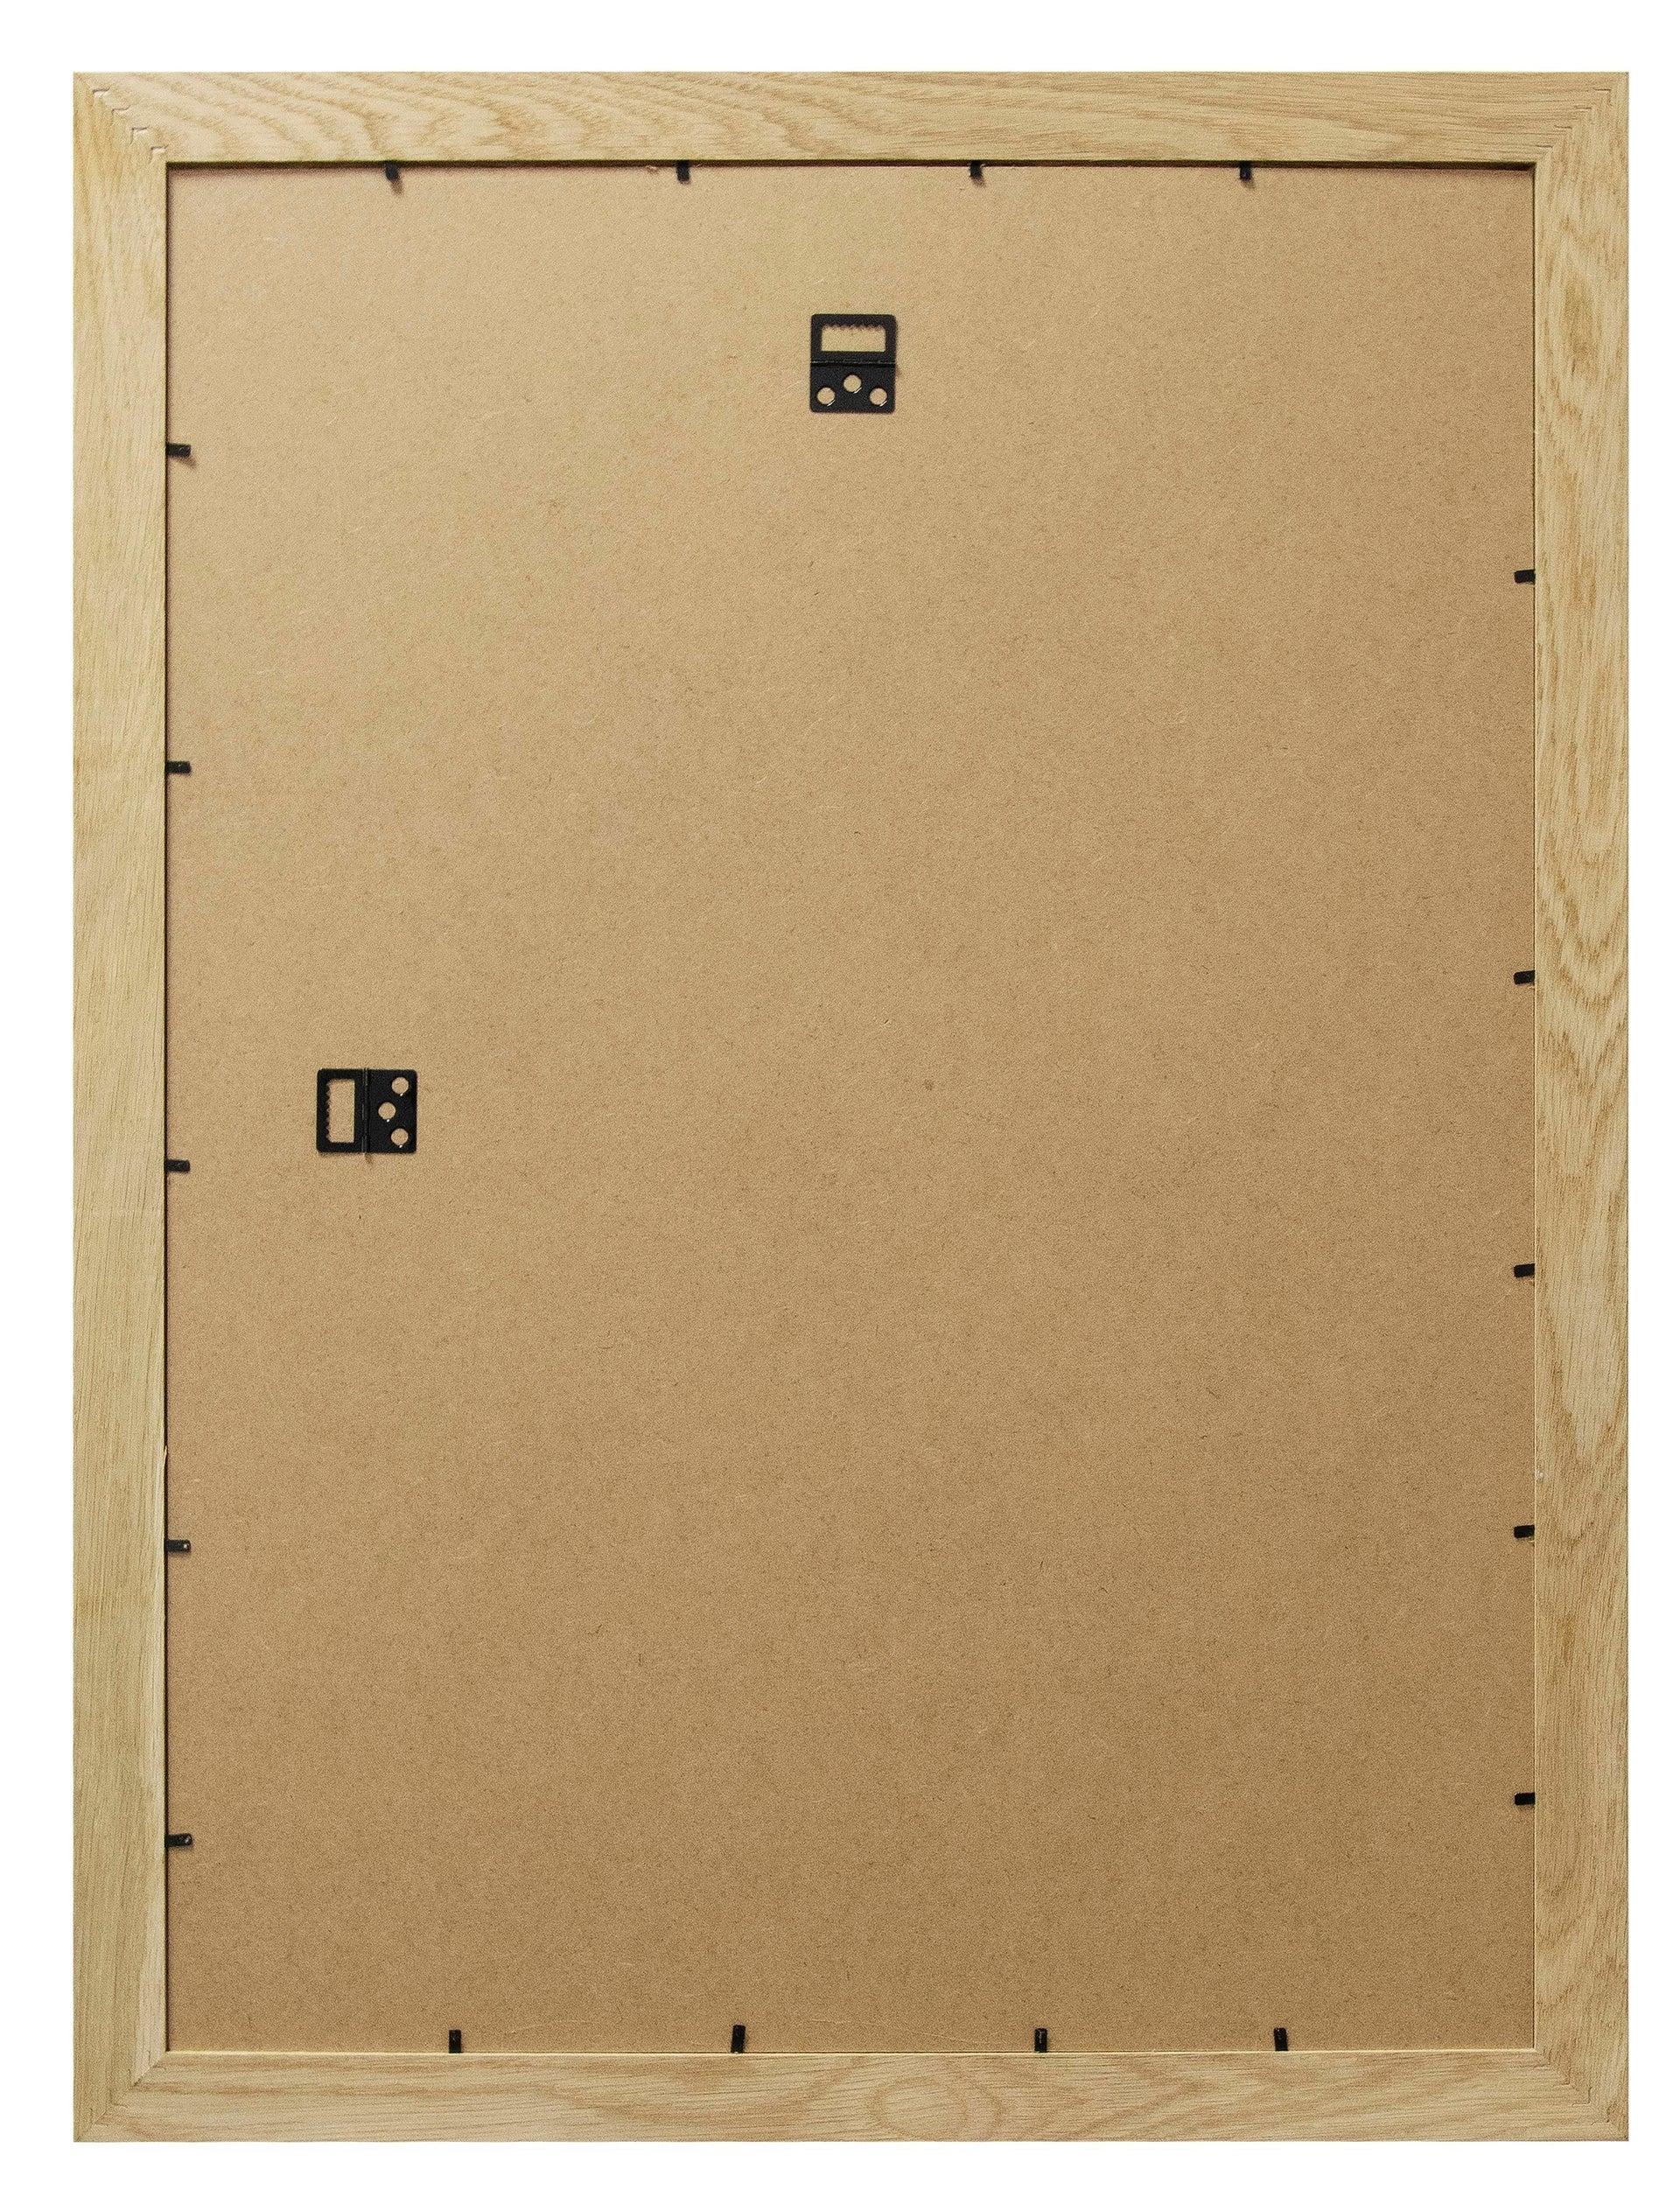 Cornice con passe-partout Inspire nakato rovere 50x70 cm - 4